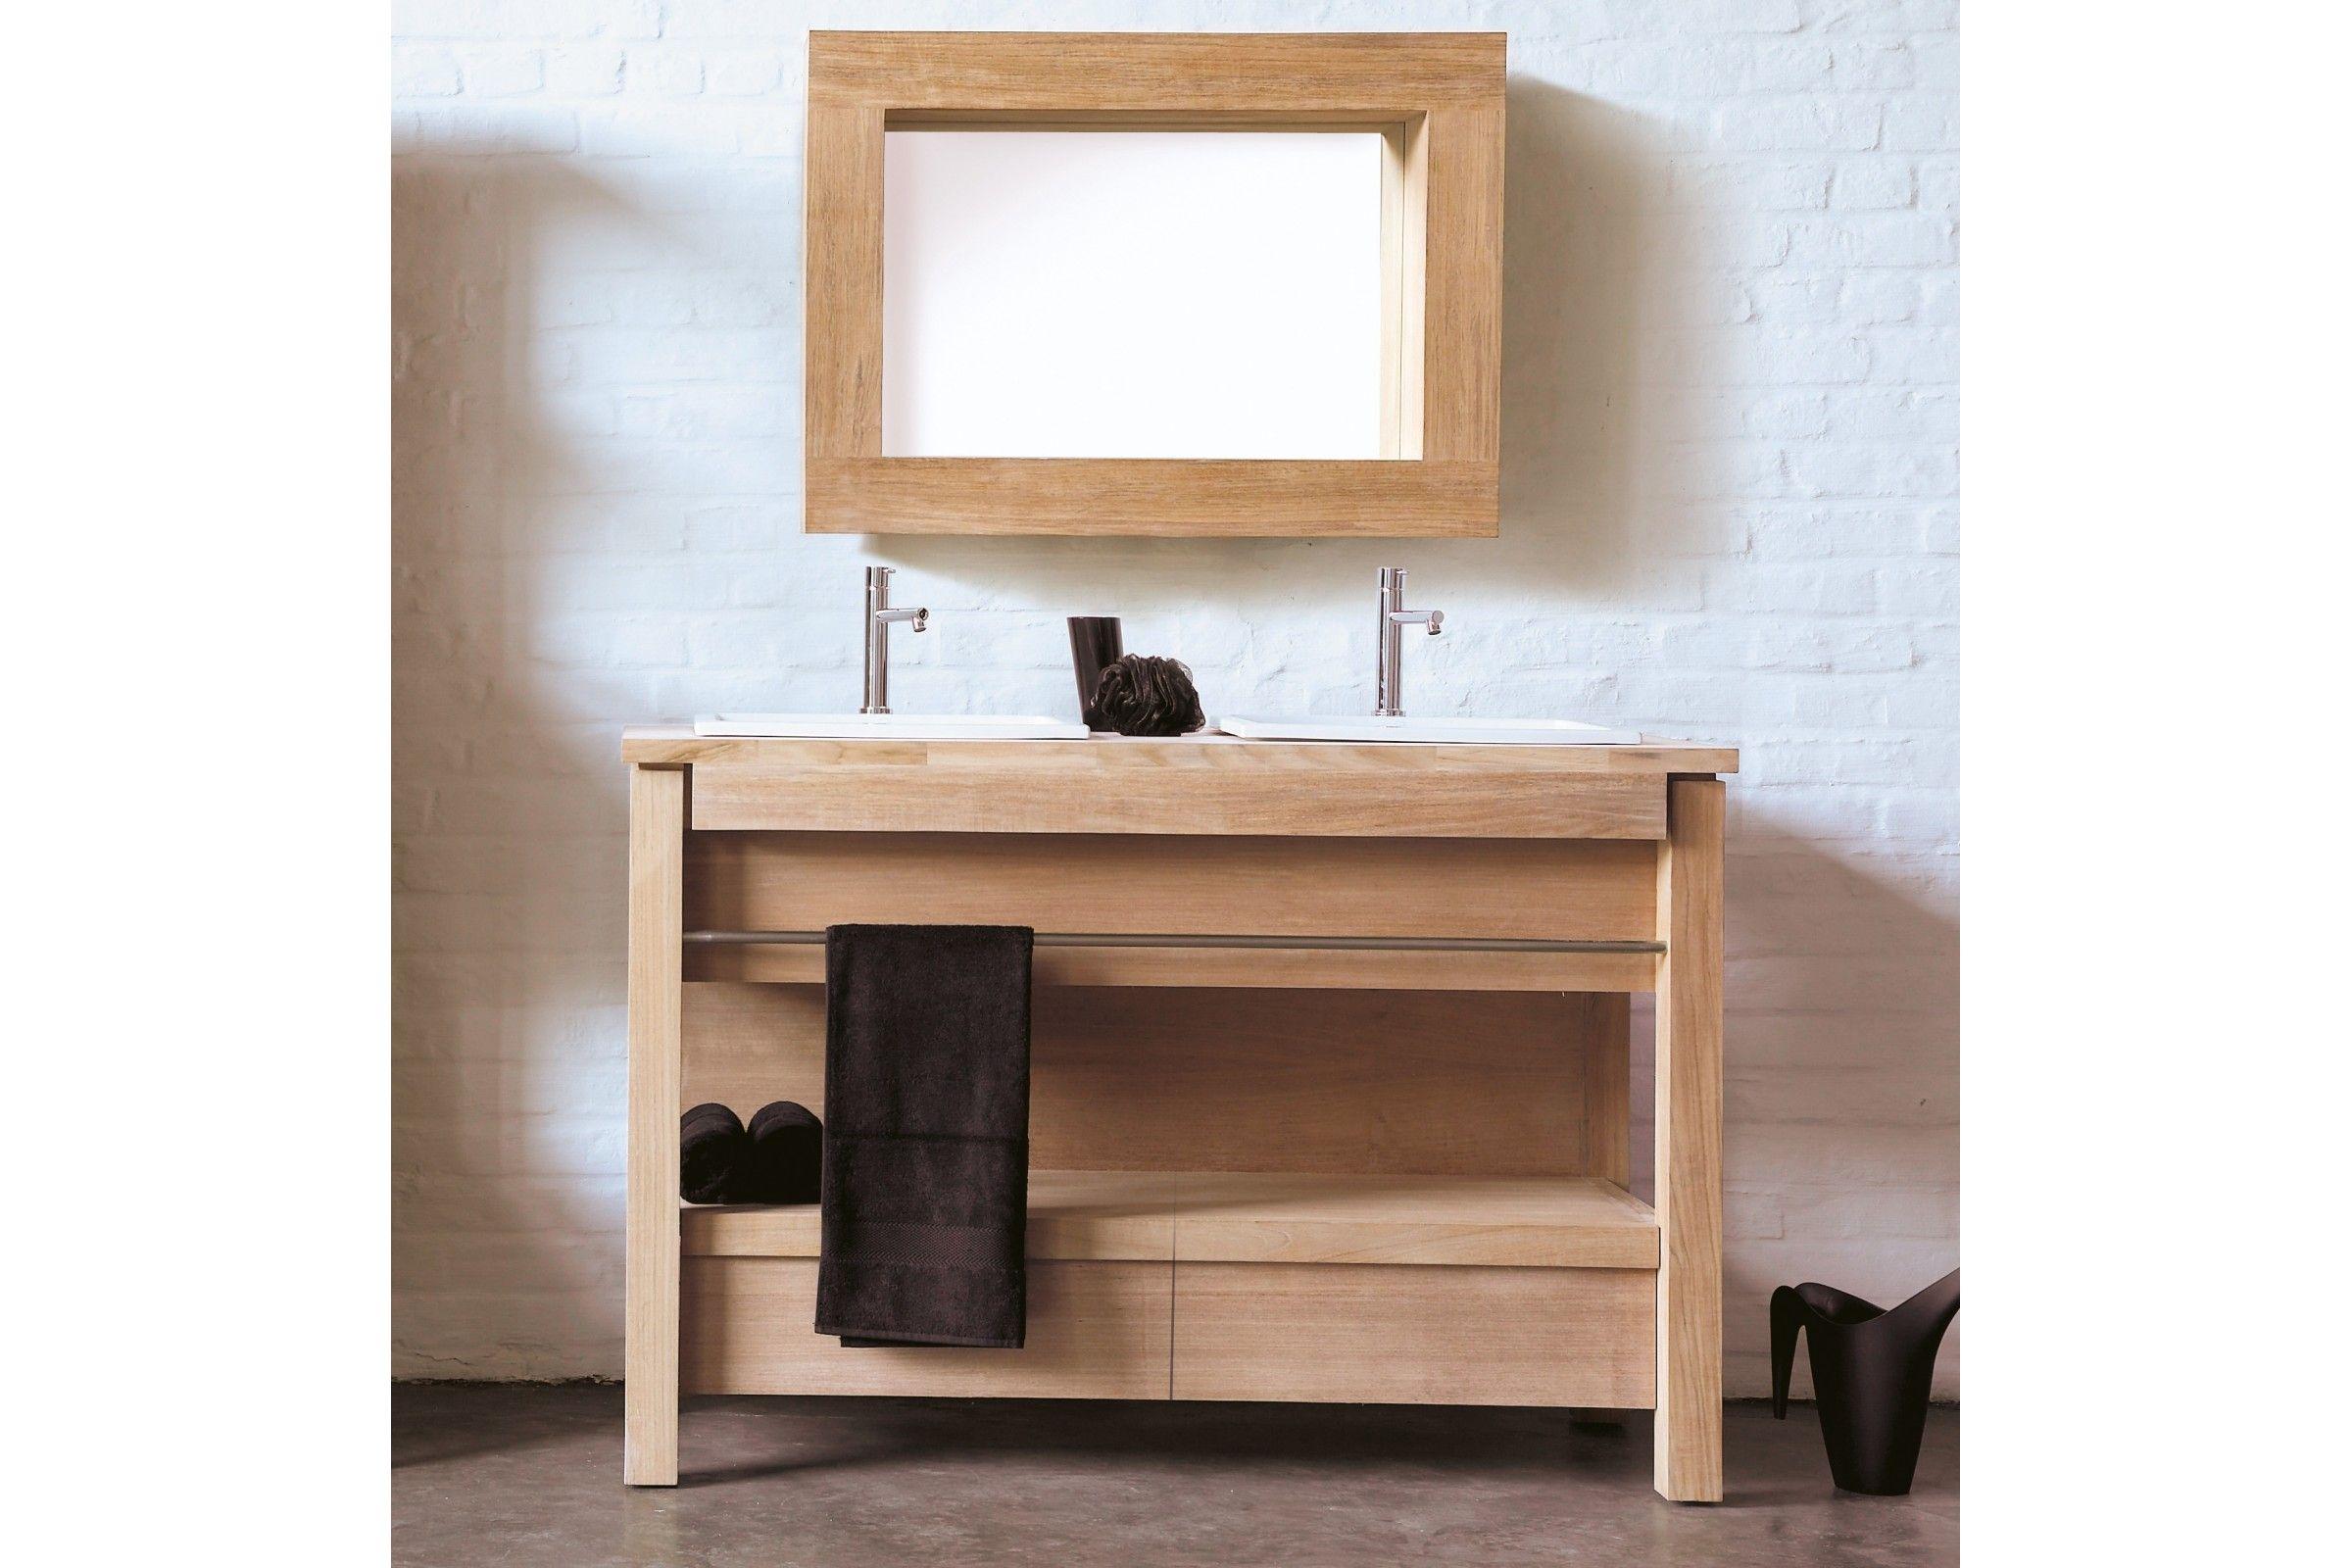 Meuble en teck massif et pierre marbri re pour 2 vasques encastrer la ga - Meuble salle de bain destockage ...